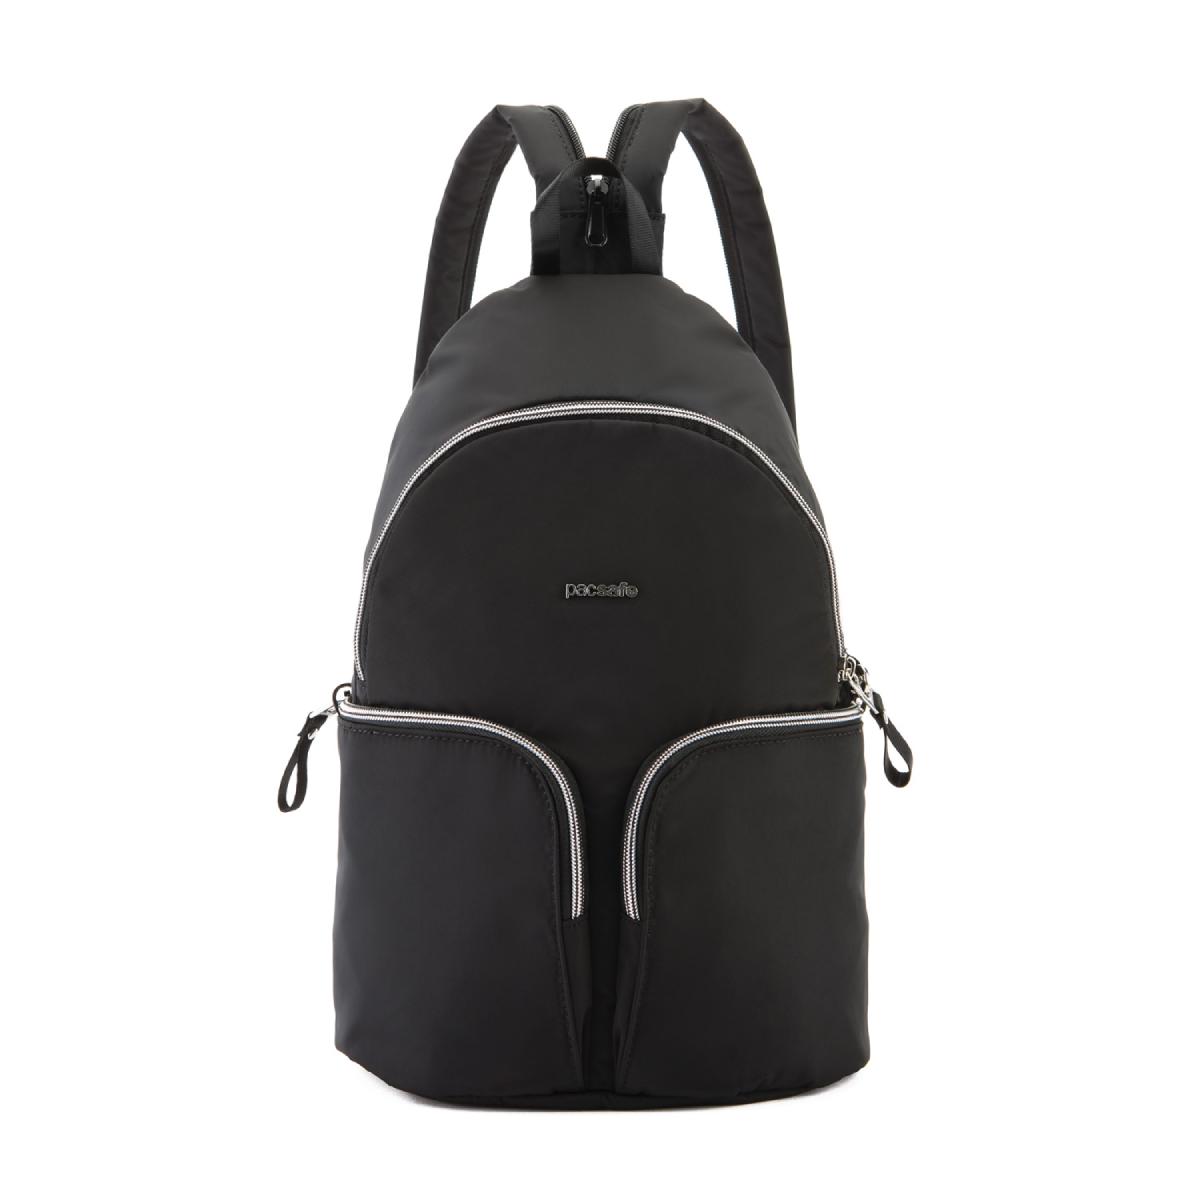 """Жіночий рюкзак """"антизлодій"""" Stylesafe, 6 ступенів захисту 1"""